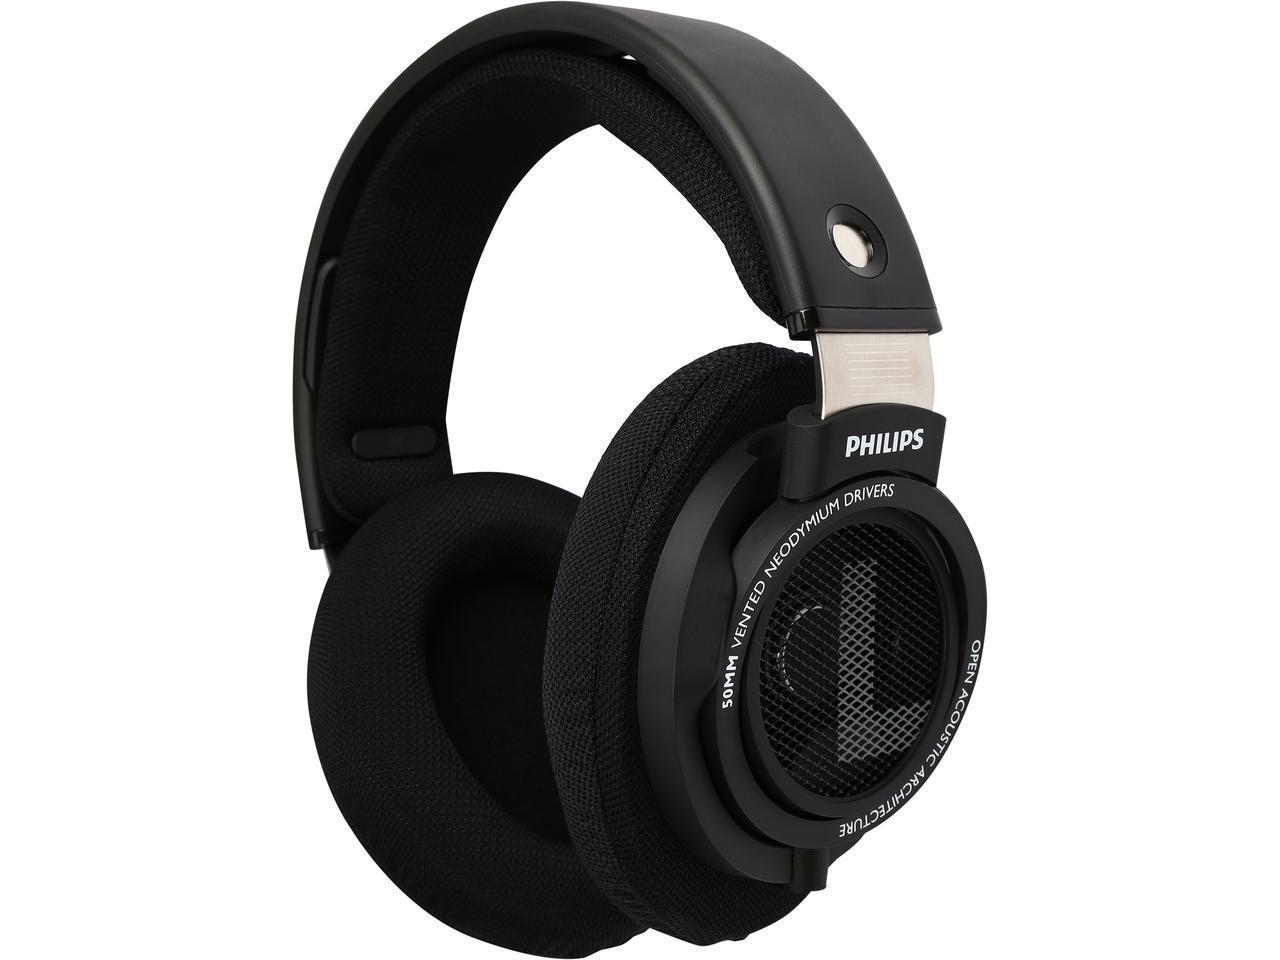 Casque audio Philips SHP9500S (frais de douanes et port inclus)